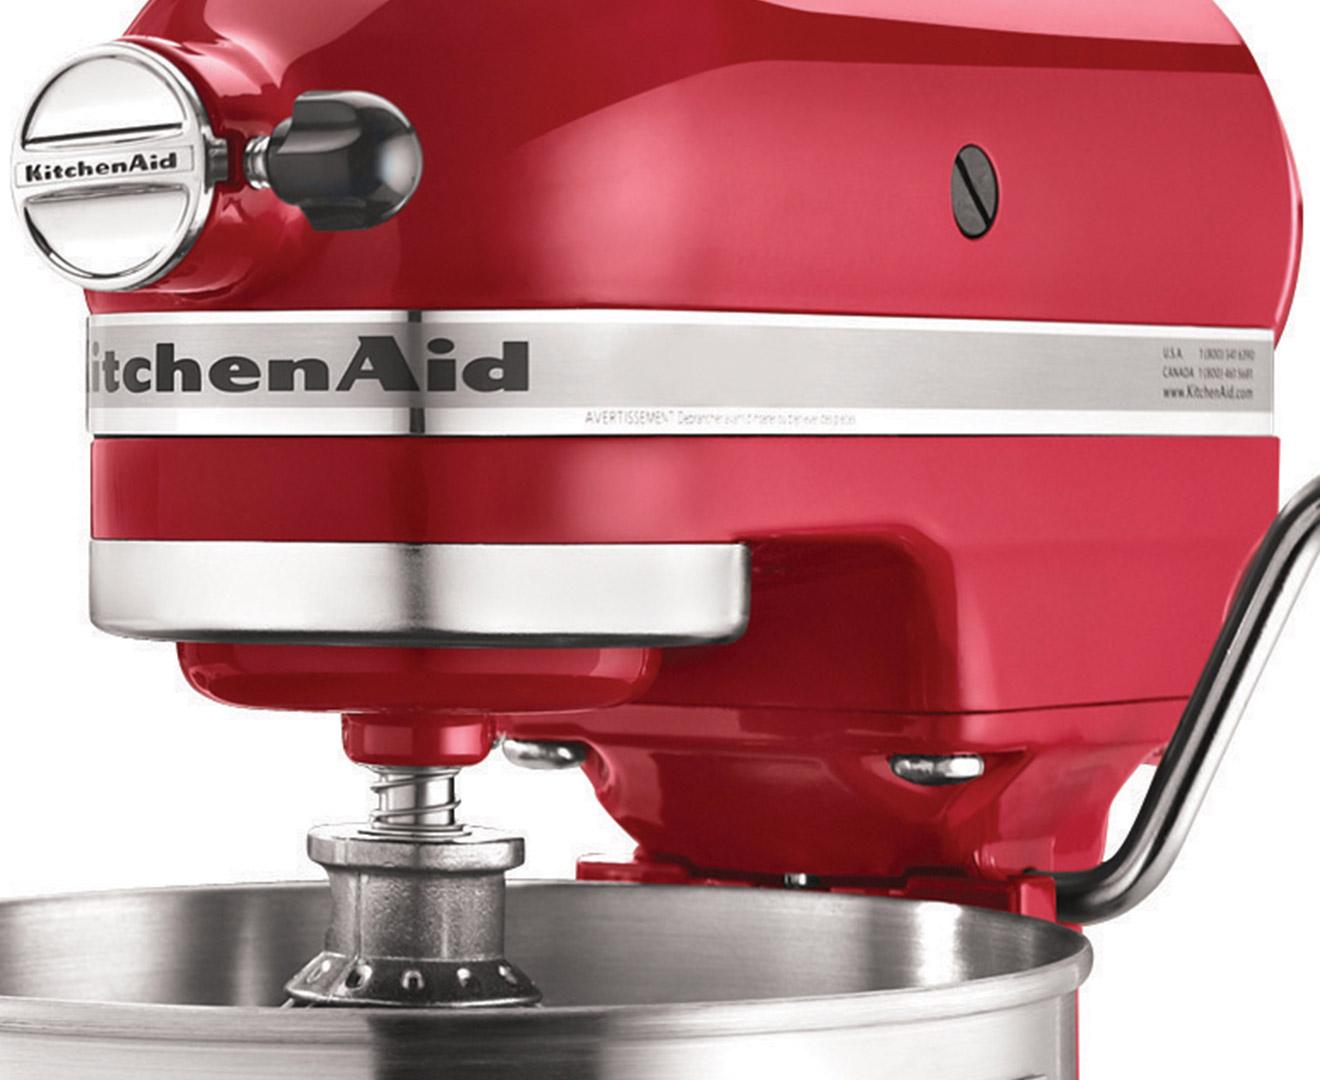 Kitchenaid Kpm5 Bowl Lift Stand Mixer Refurb Red